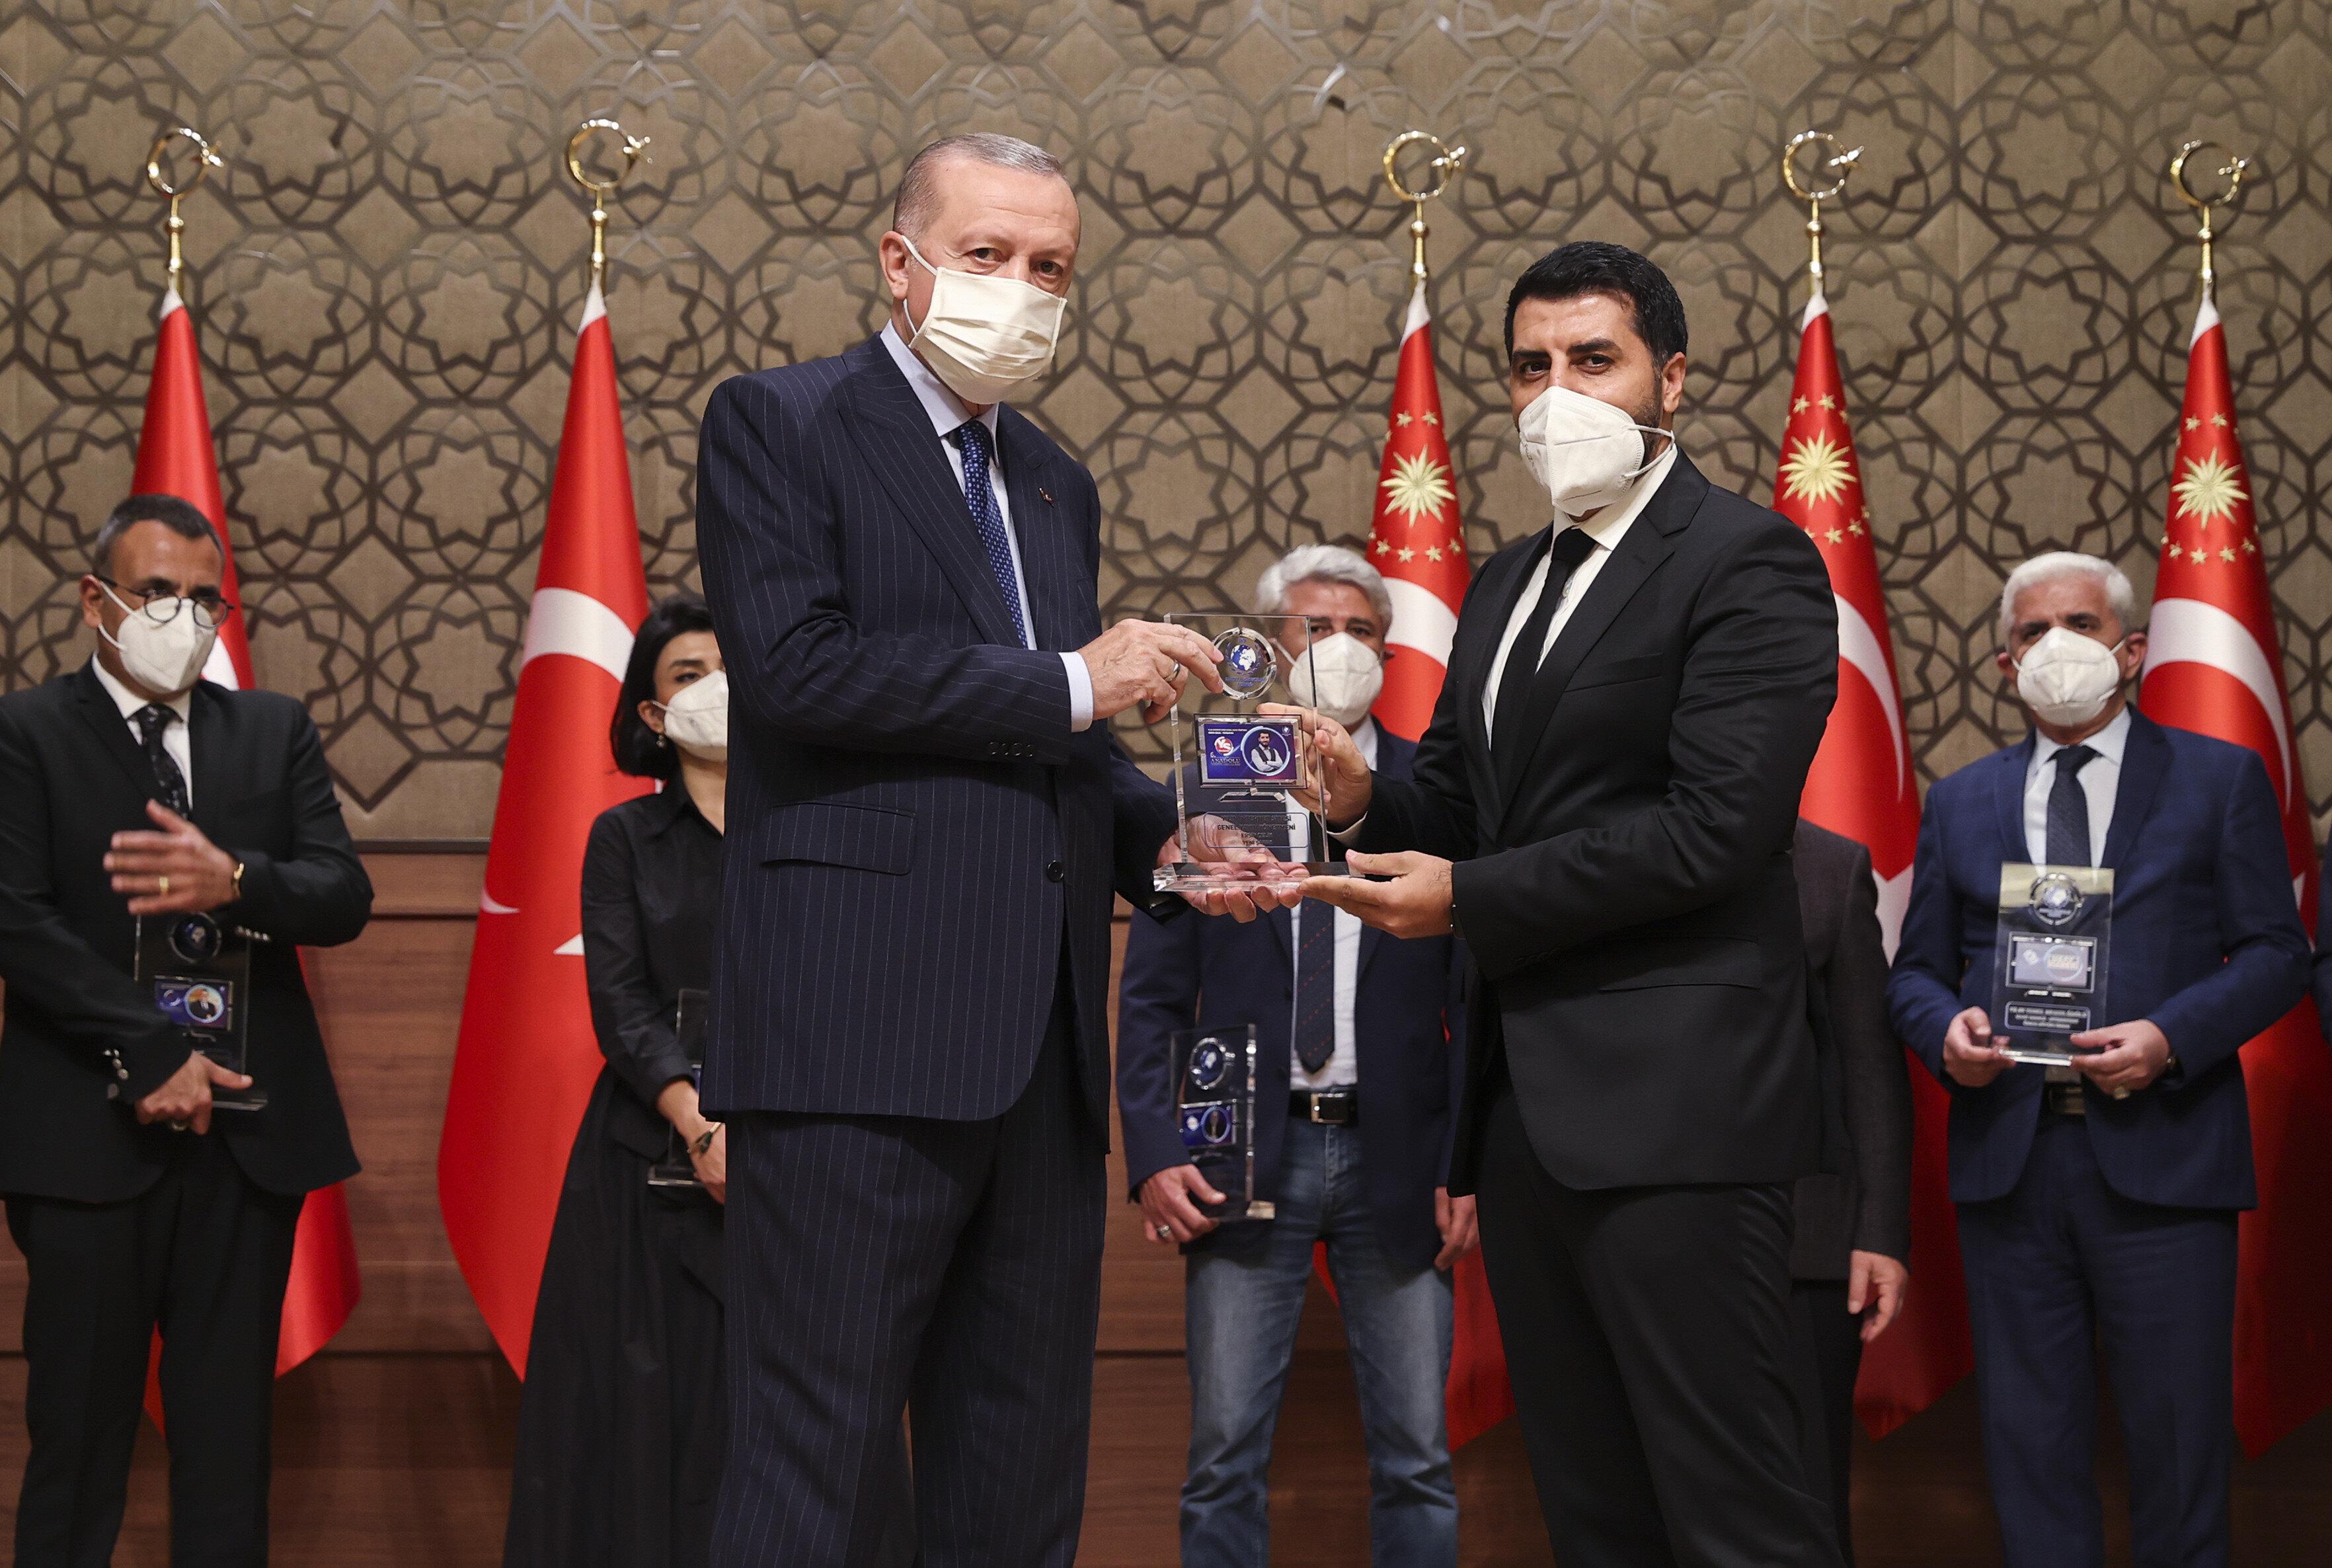 Yeni Şafak İnternet Yazı İşleri Müdürü Ersin Çelik, ödülünü Cumhurbaşkanı Erdoğan'dan aldı.